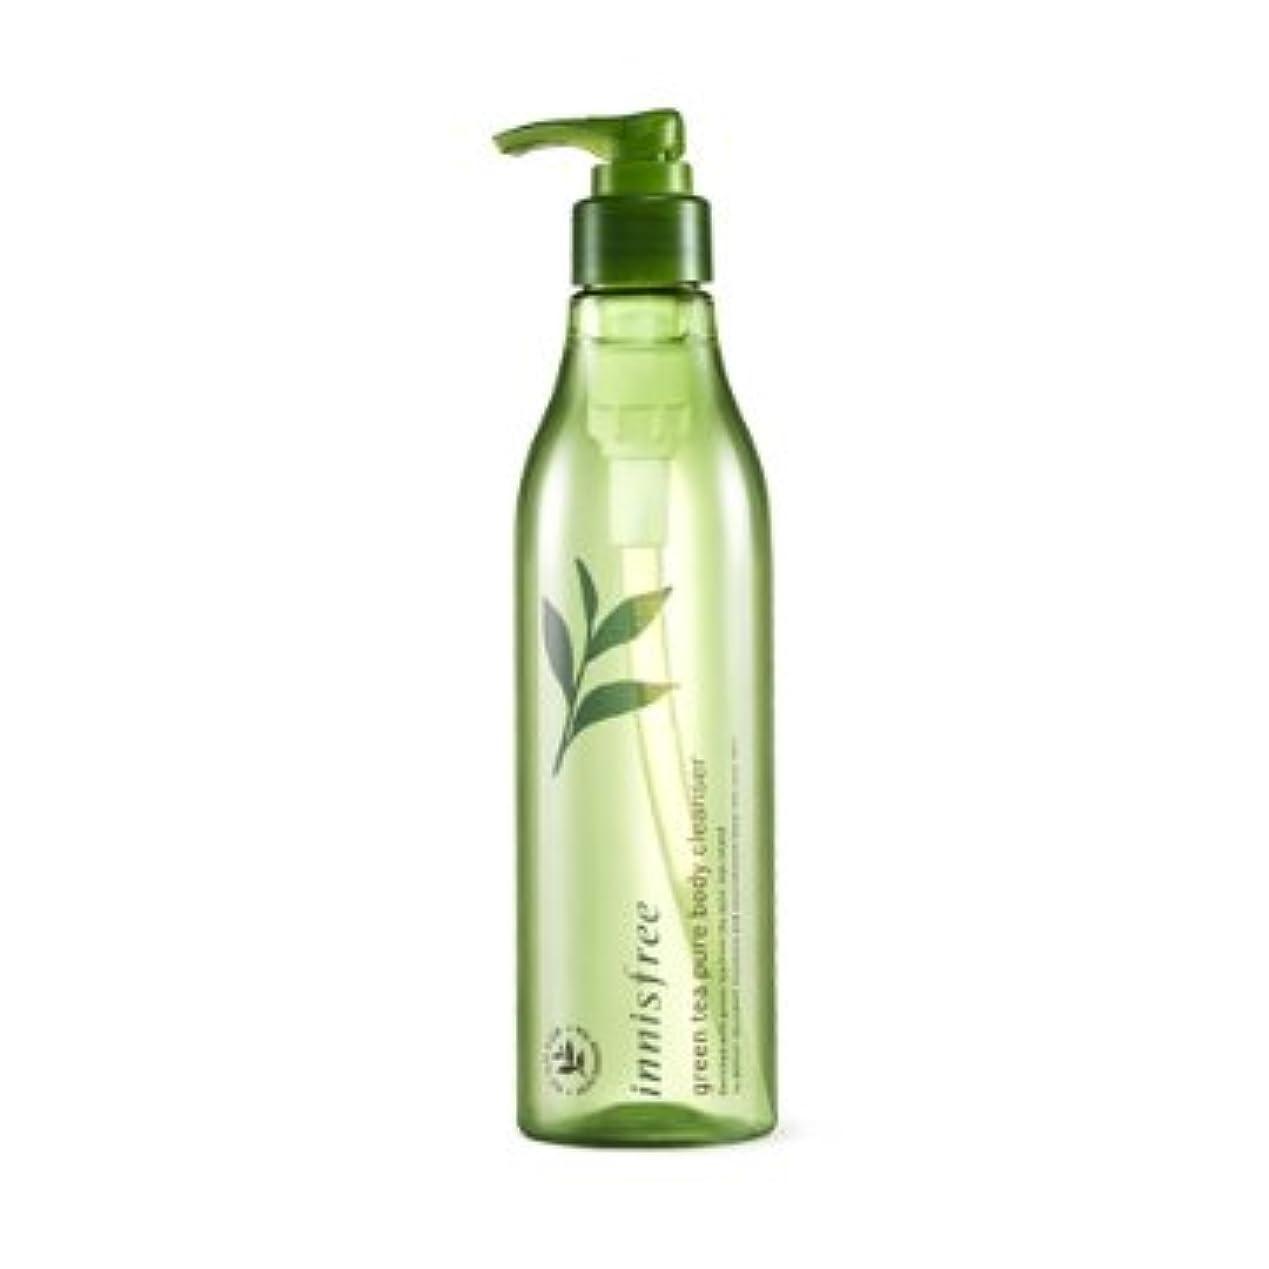 慢な漏れスクラブ【イニスフリー】Innisfree green tea pure body cleanser - 300ml (韓国直送品) (SHOPPINGINSTAGRAM)